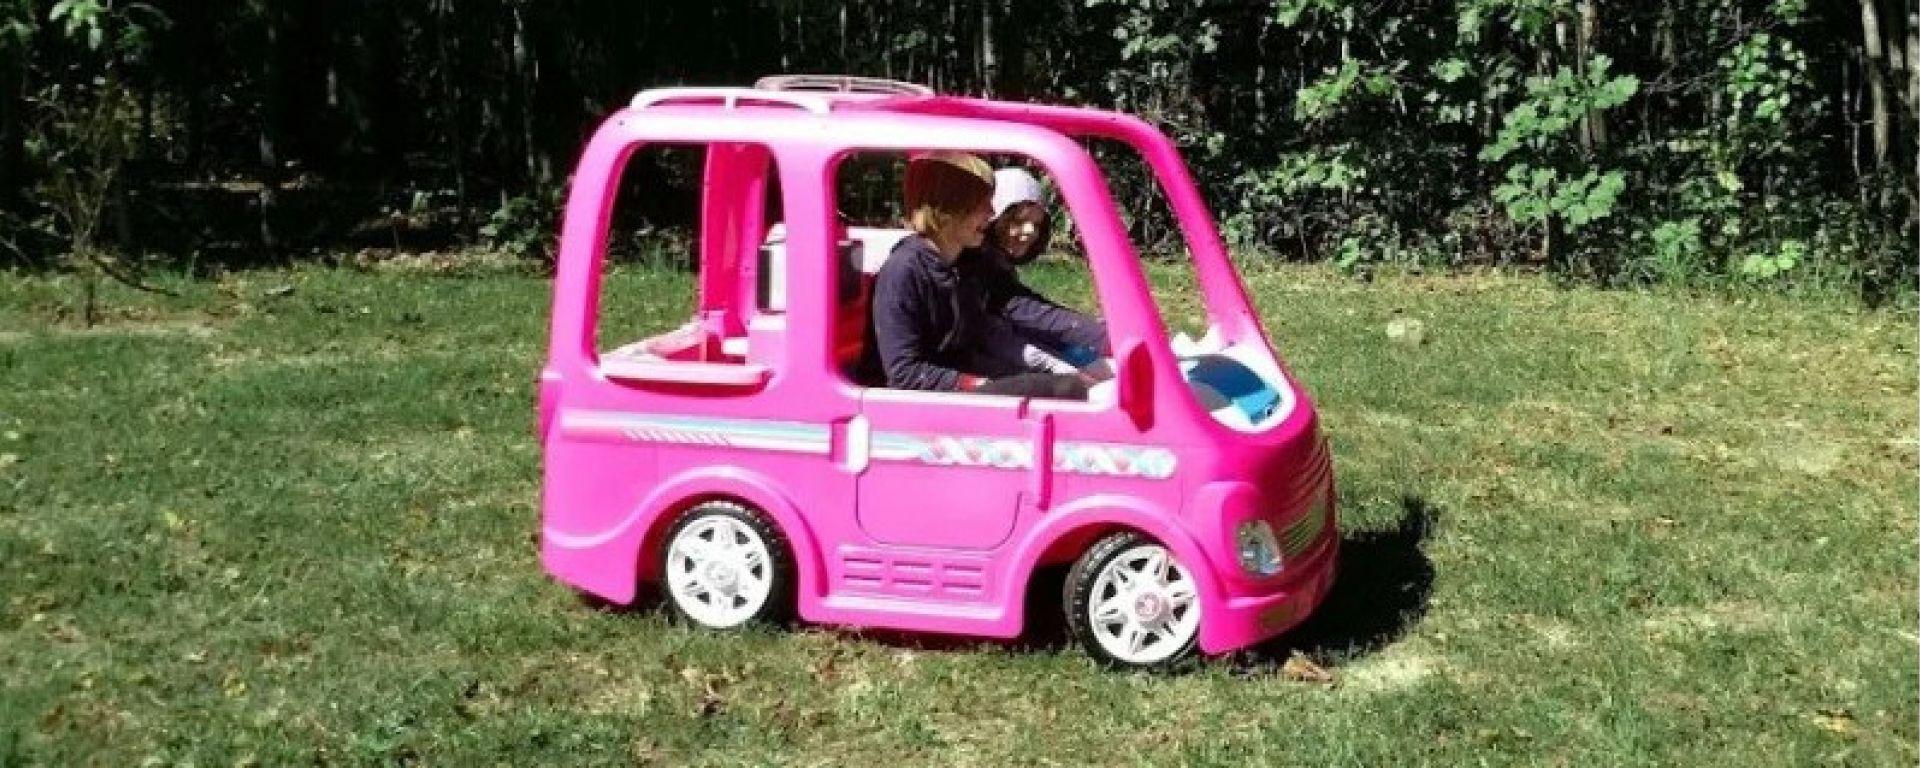 Maxi richiamo: acceleratore difettoso sul camper di Barbie